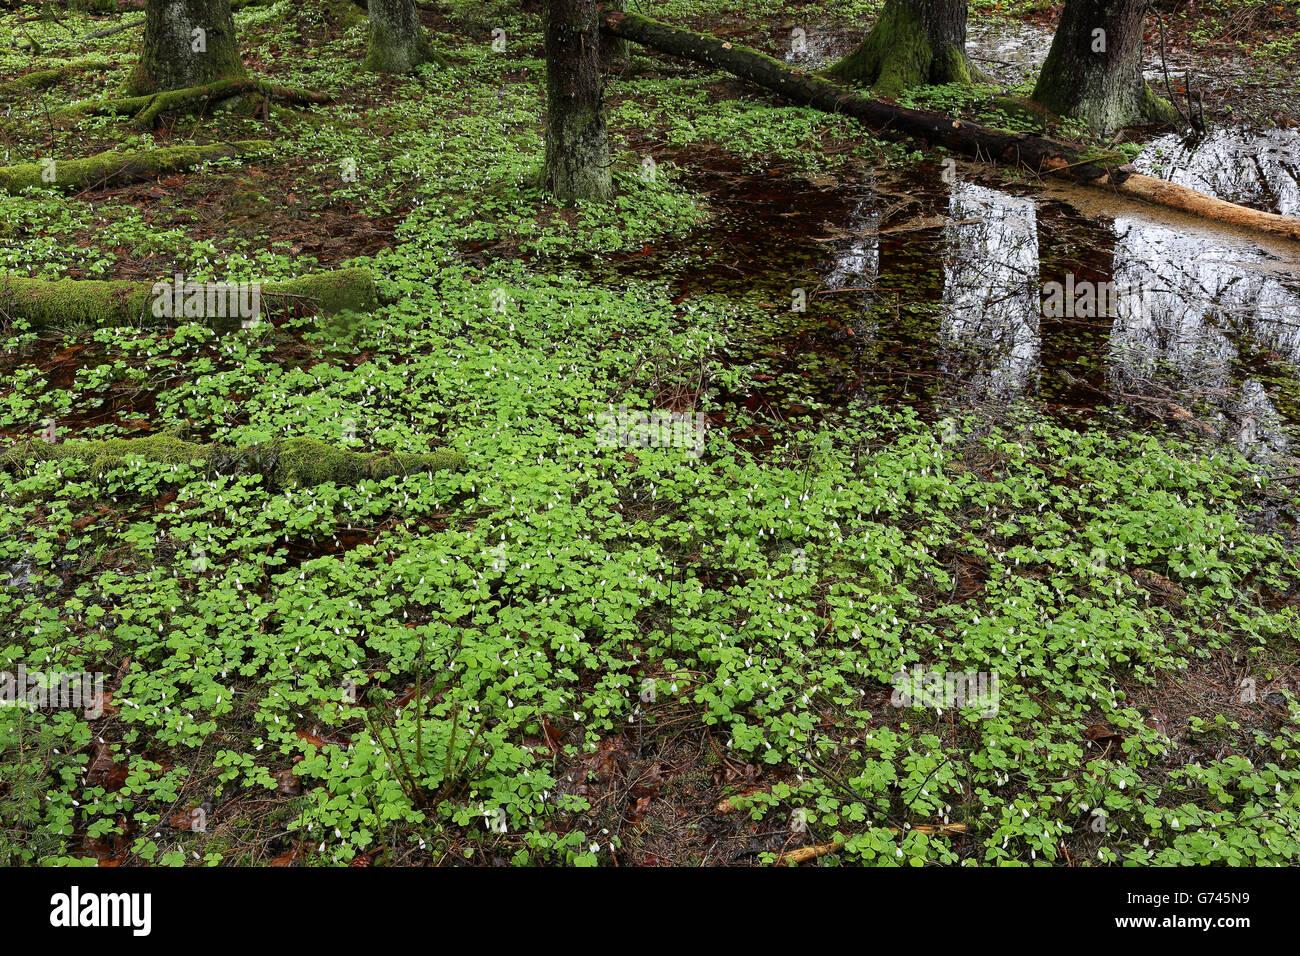 Waldsauerklee (Oxalis acetosella) Adlerfarn, Bannwald, Schutzwald, Waldschutzgebiet, Pfrunger-Burgweiler Ried, Baden Stock Photo